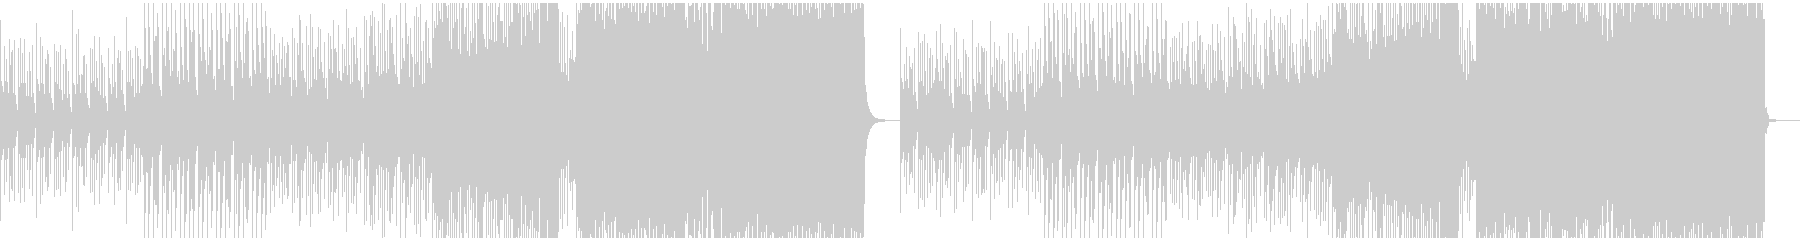 疾走感ある切ないEDMの未再生の波形